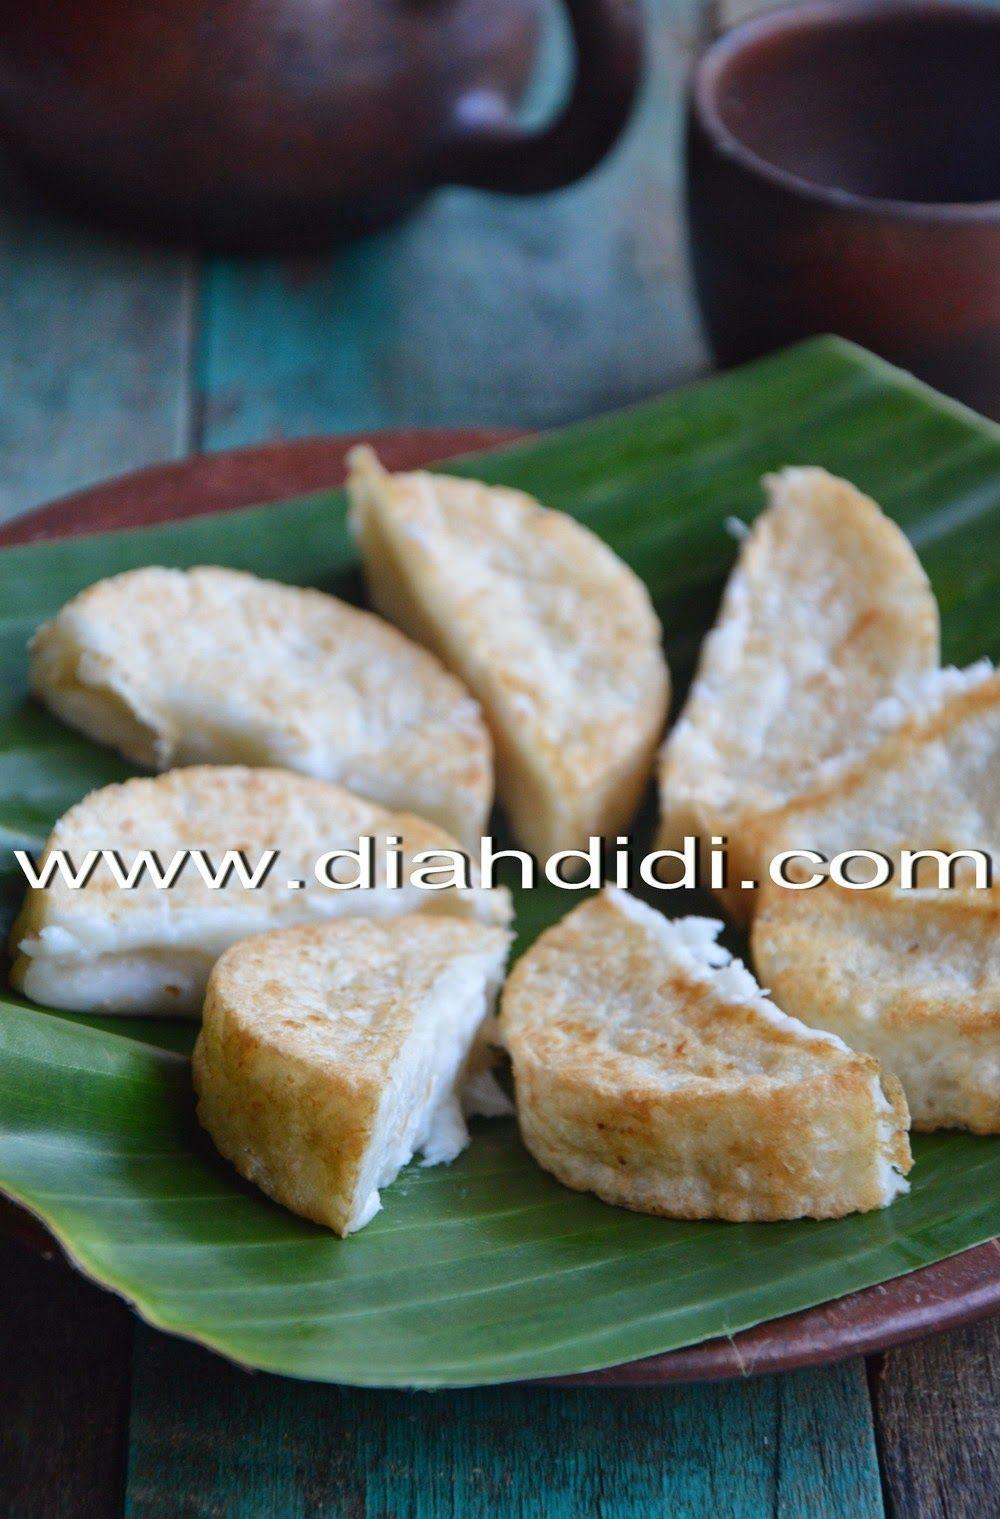 Kue Gandos Adalah Kue Tradisional Jateng Yang Terbuat Dari Tepung Berasa Dan Kelapa Parut Citarasanya Gurih Karena Resep Masakan Resep Makanan Makanan Manis